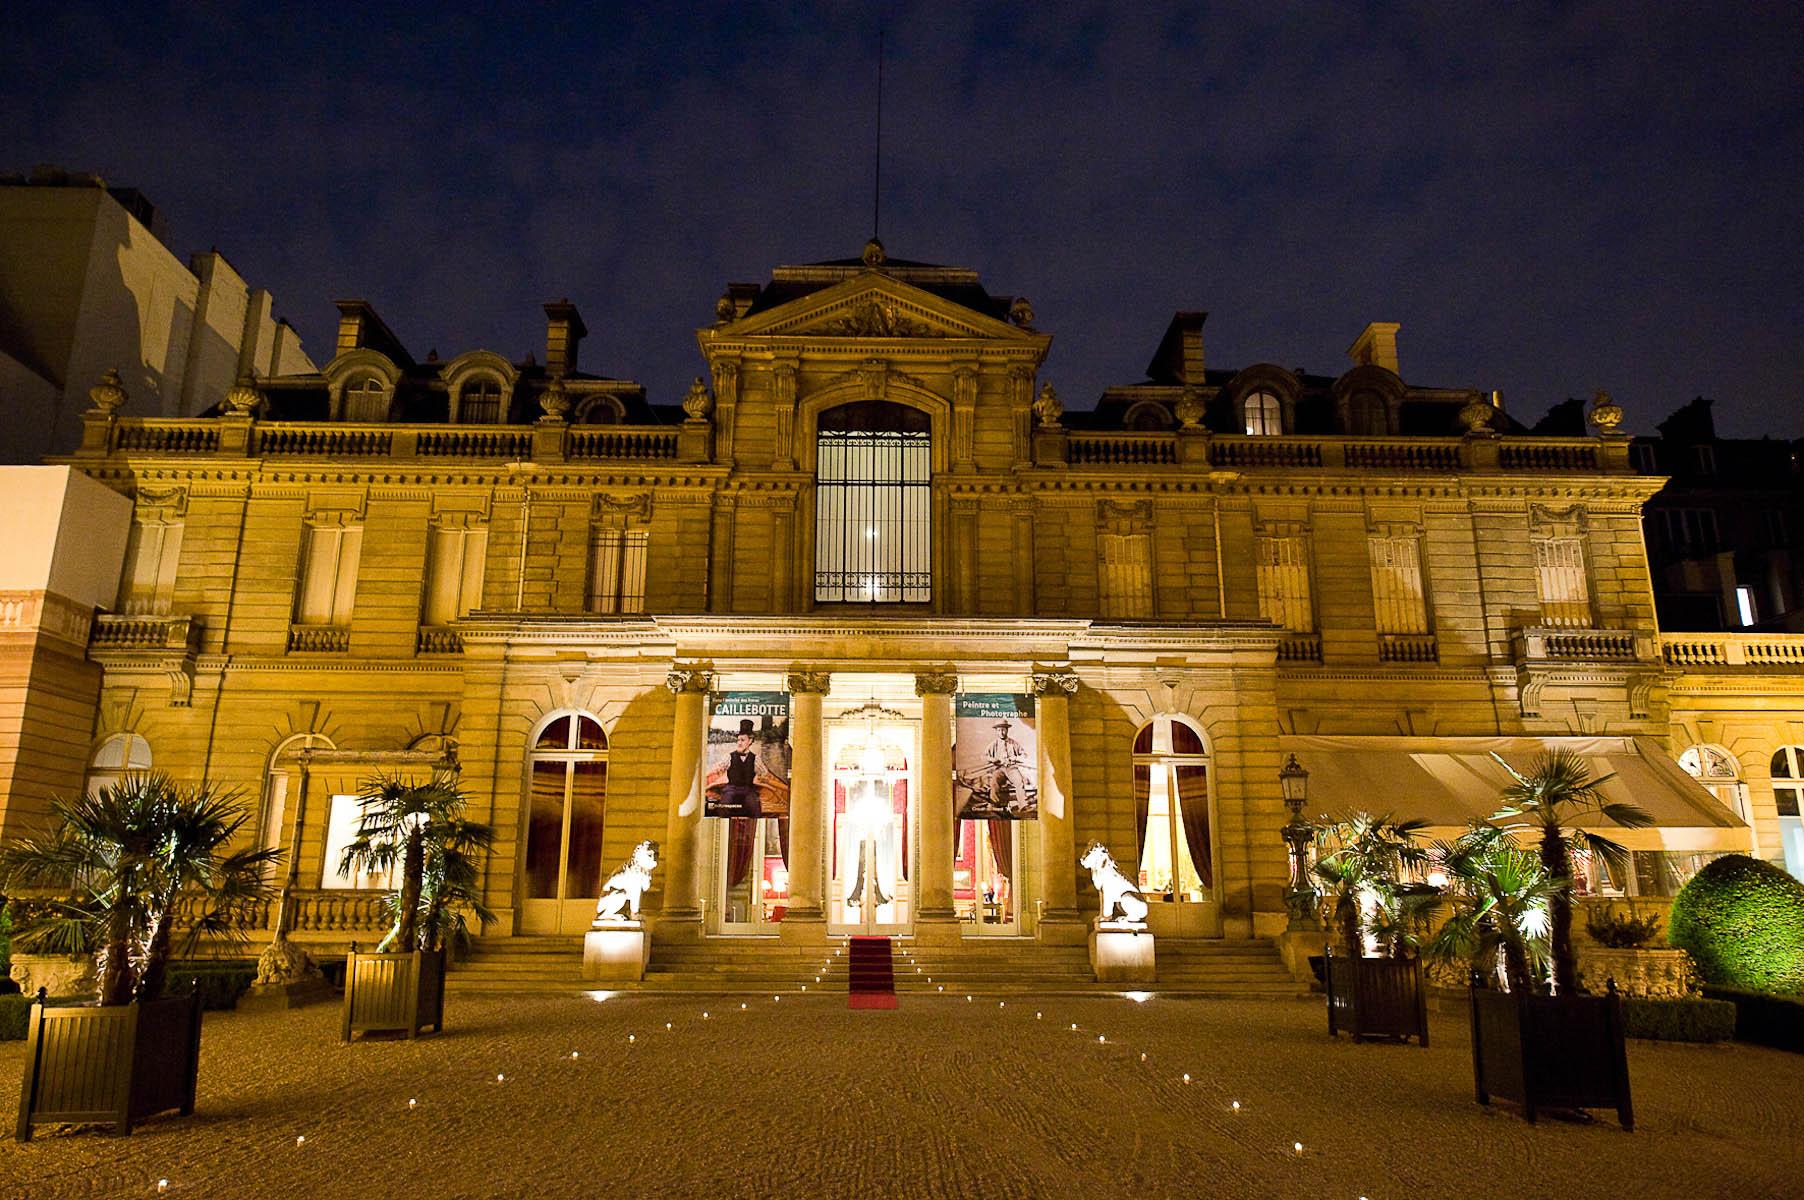 Photographe du Musée Jacquemart André